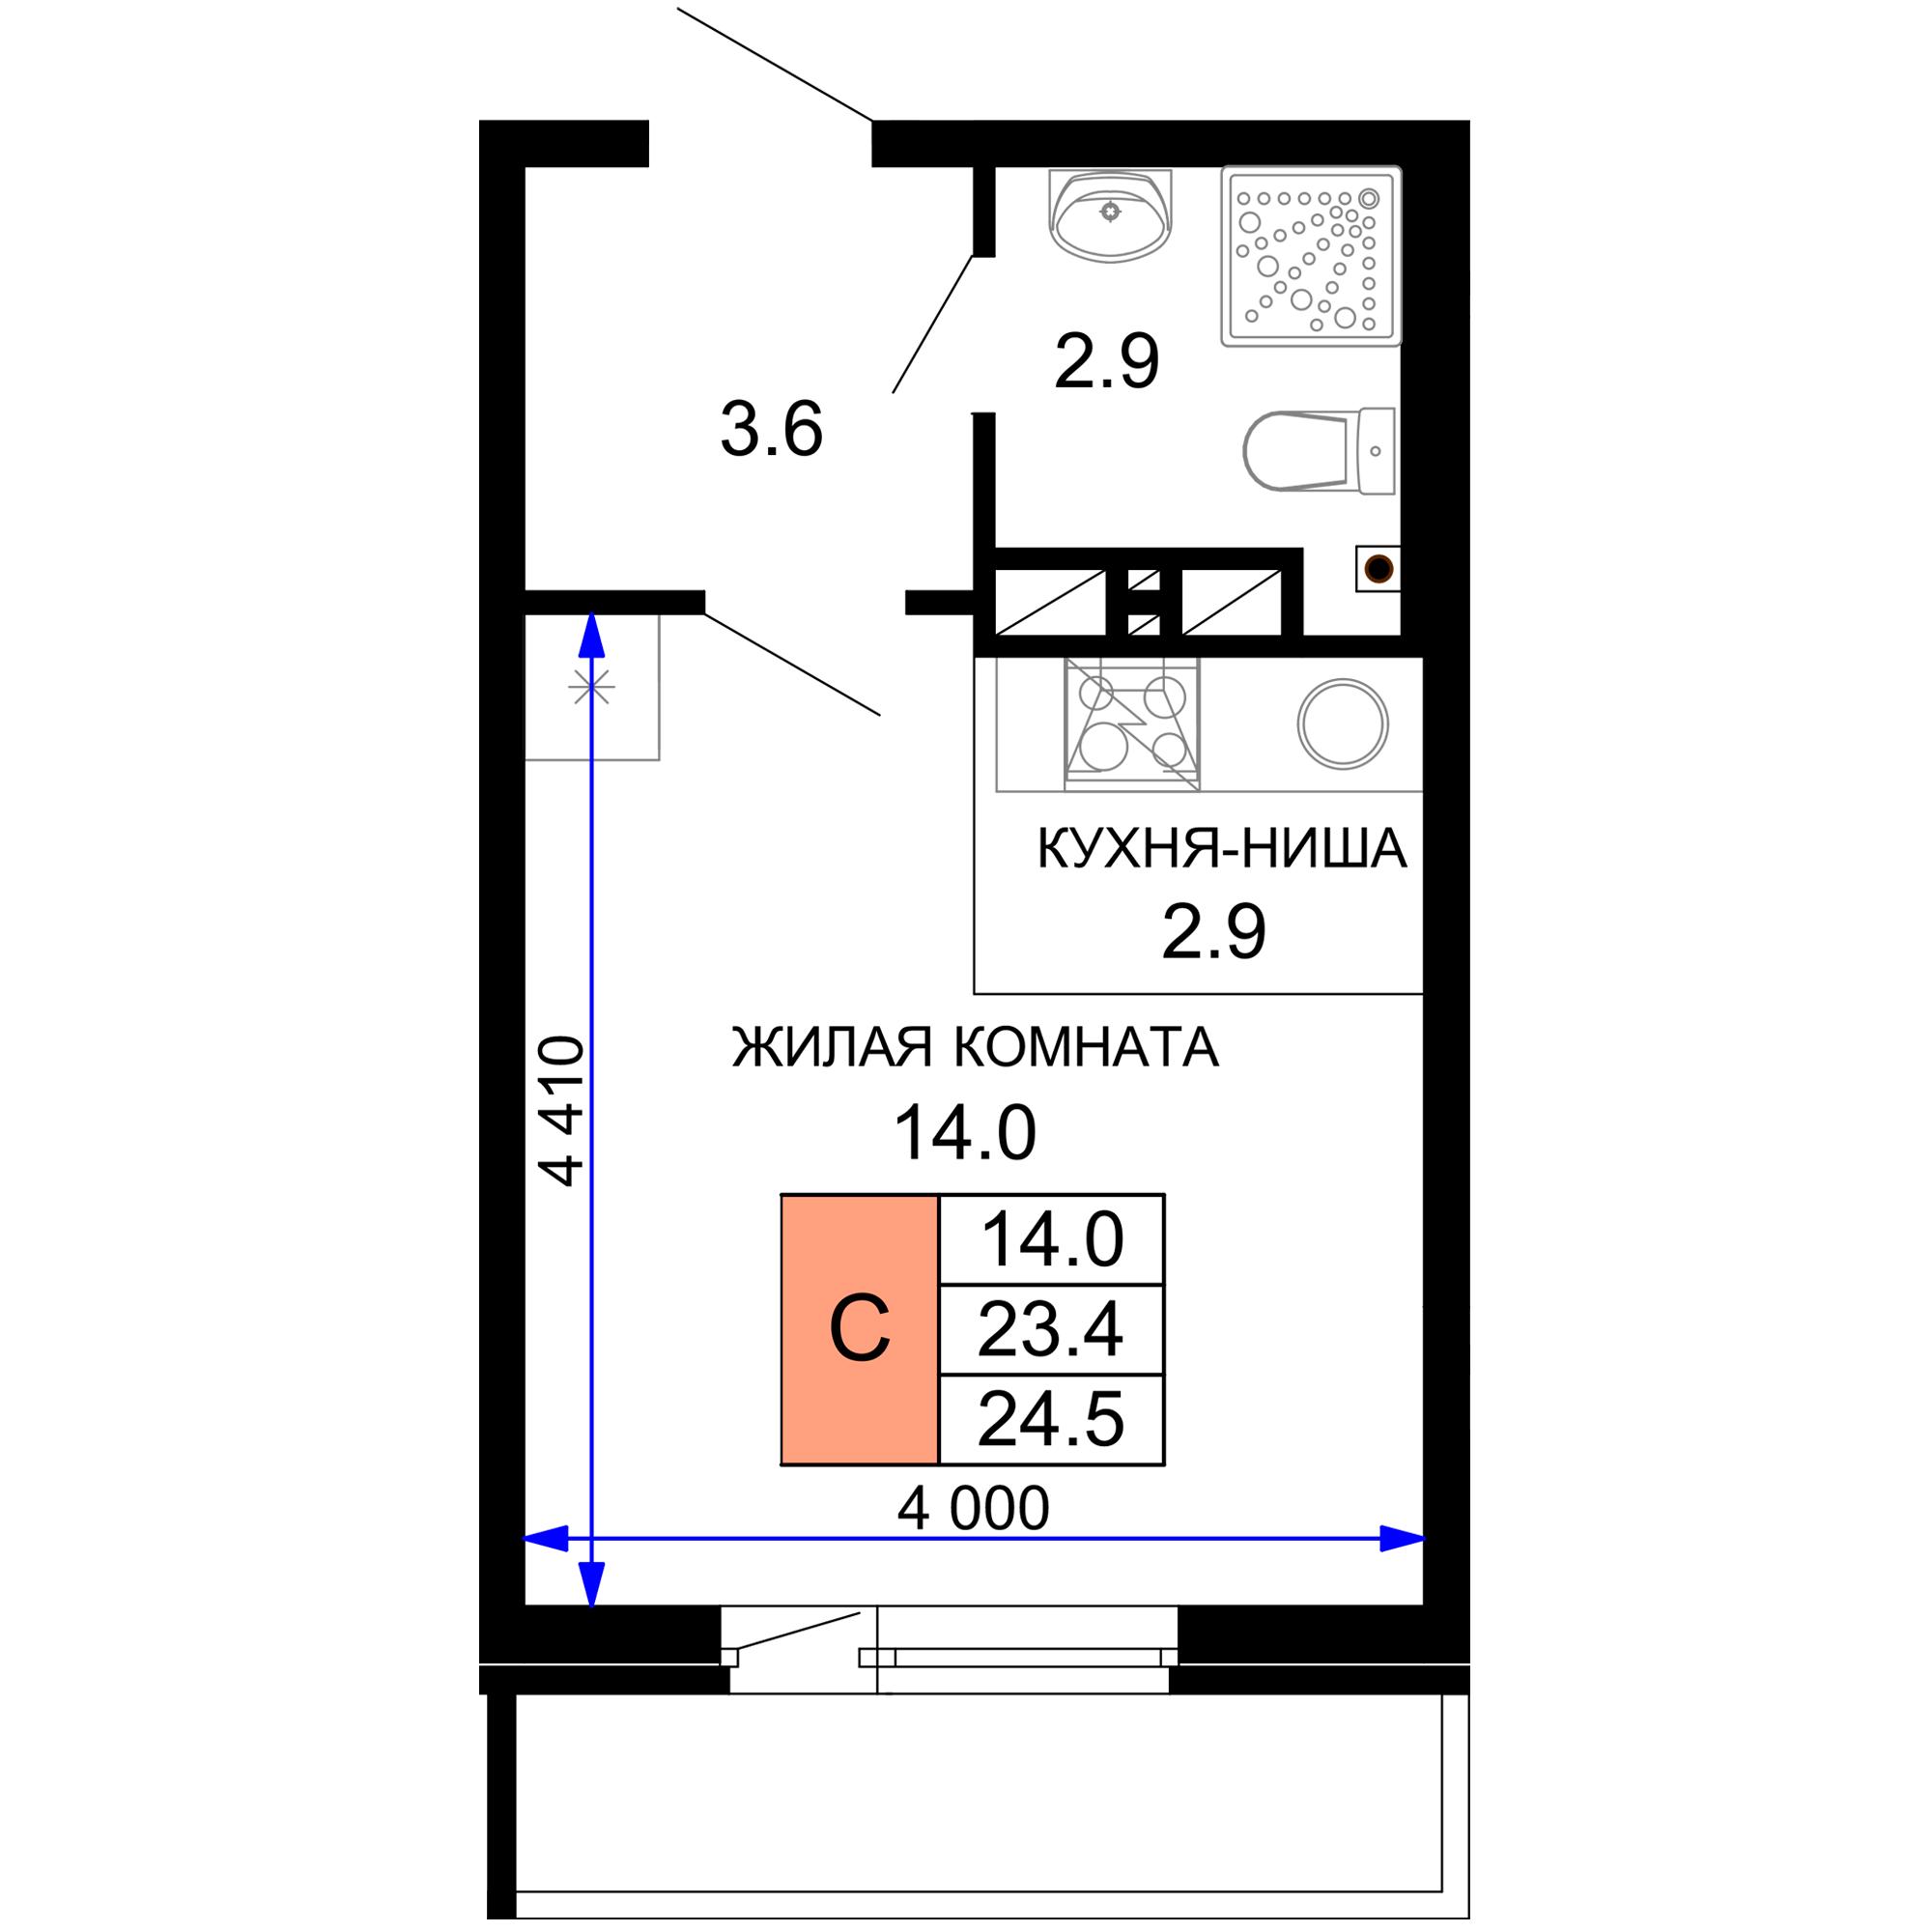 Студия в ЖК Дыхание 24.5 м2